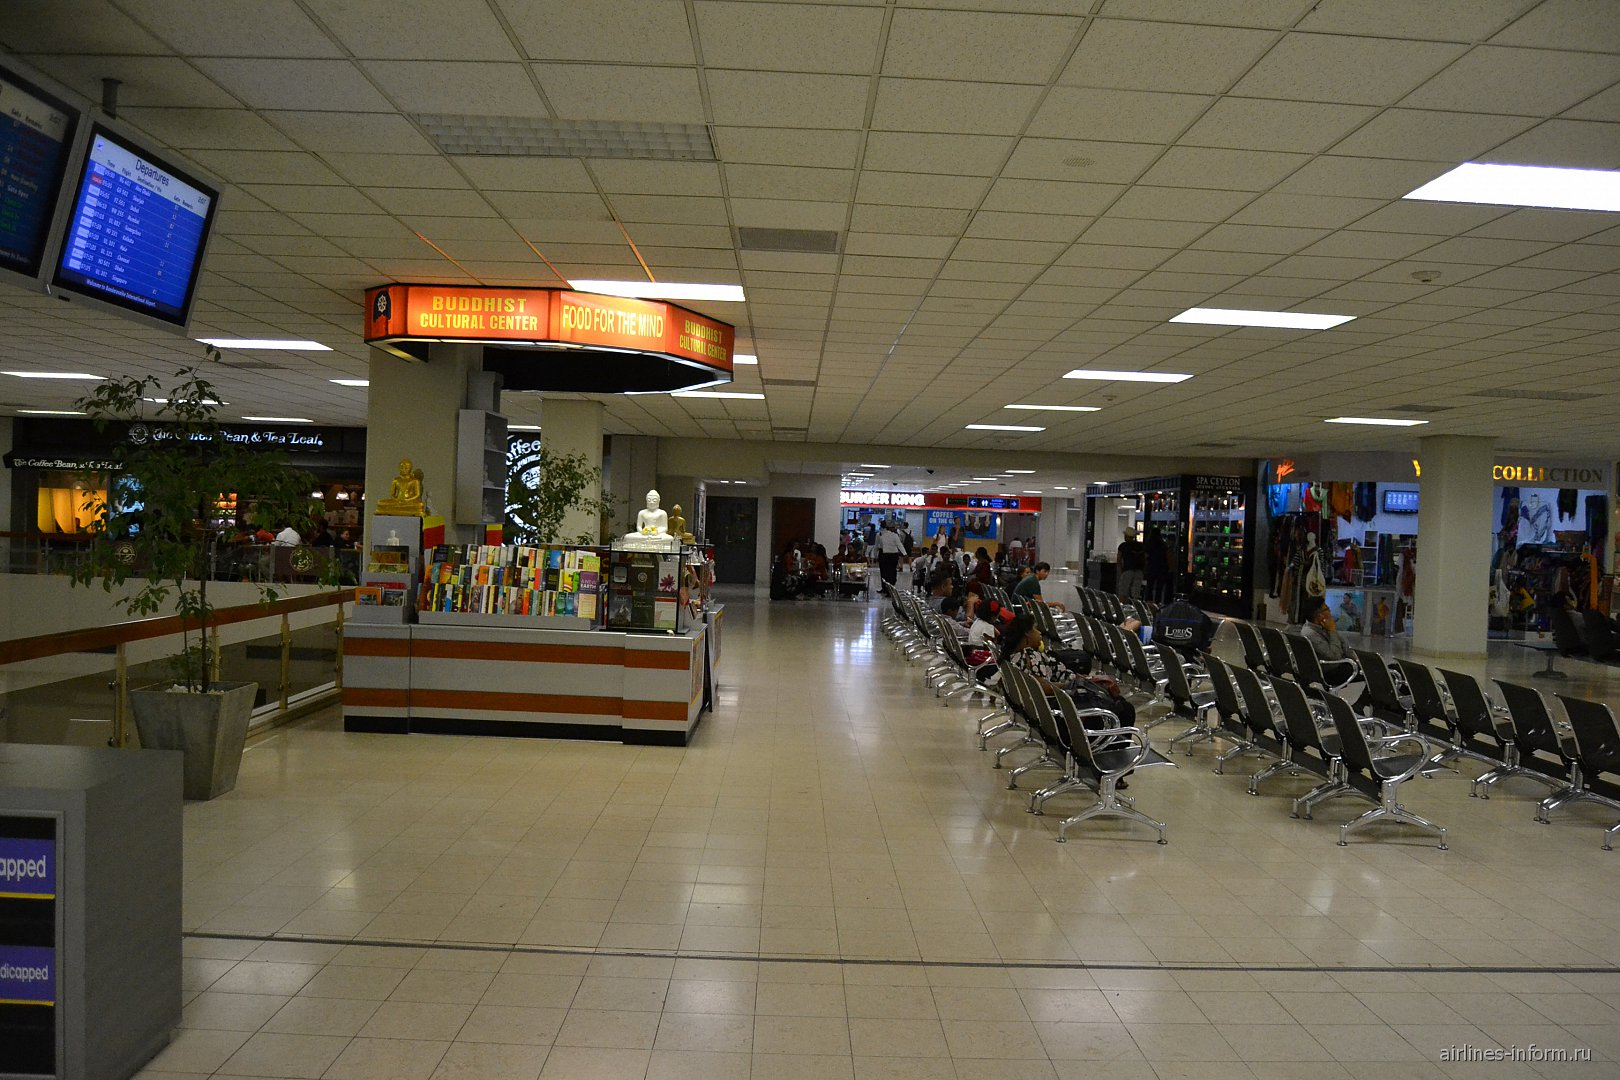 Зал ожидания в чистой зоне аэропорта Коломбо Бандаранайке